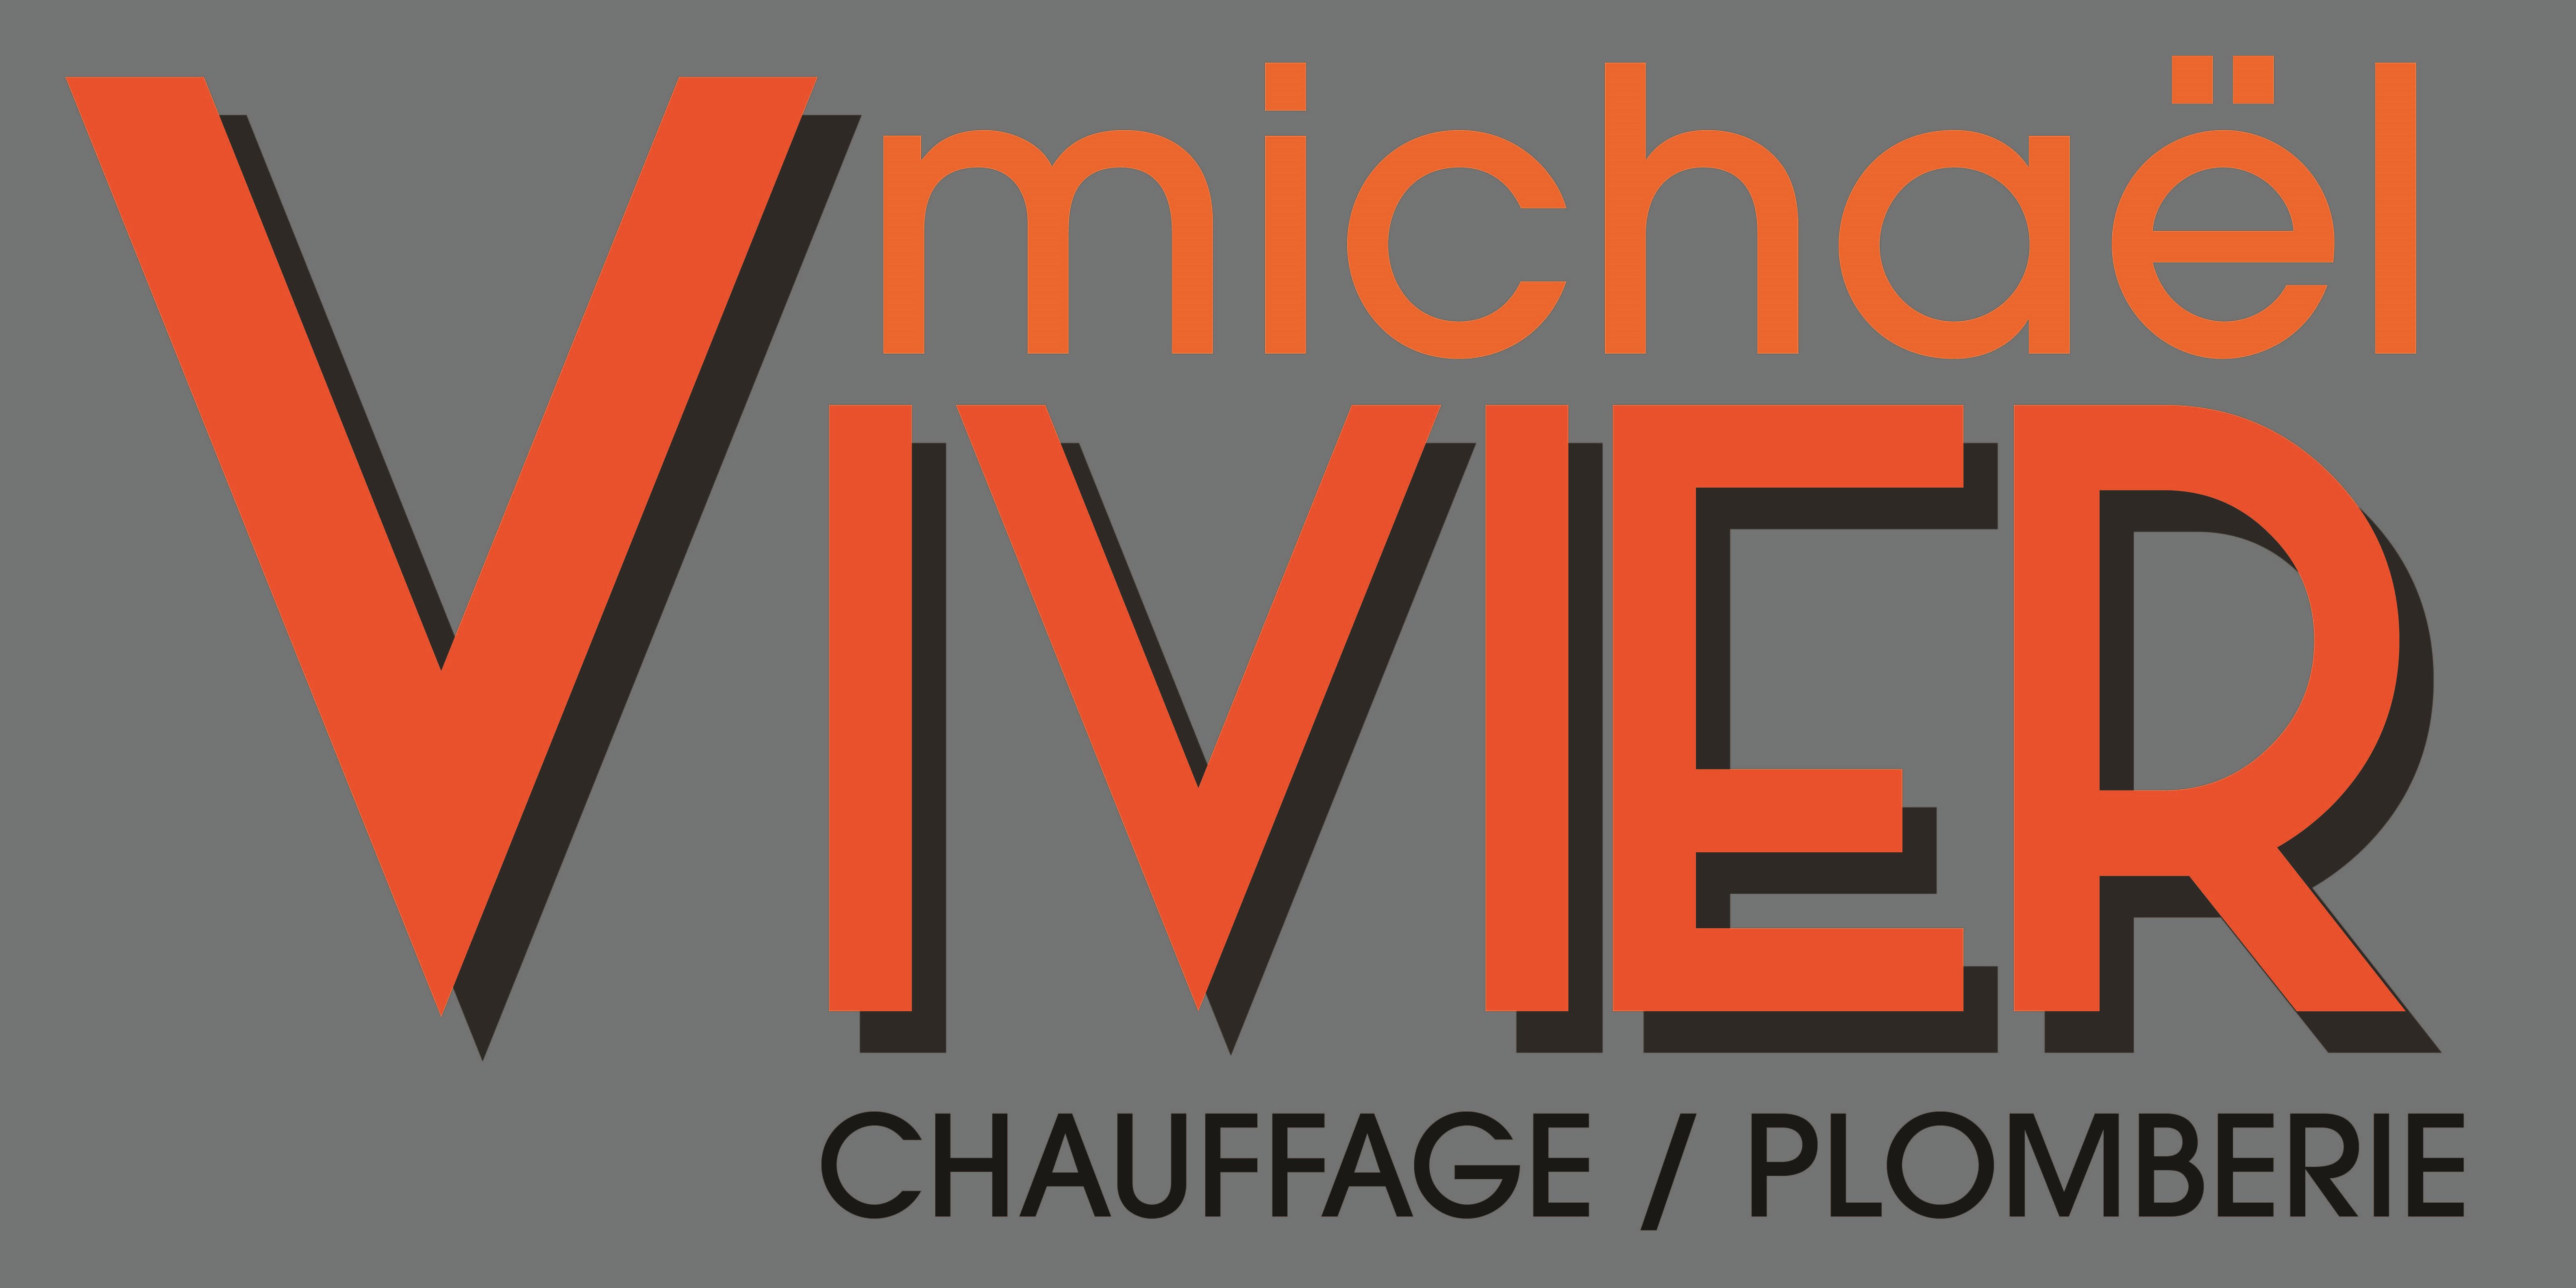 MickaelVivier